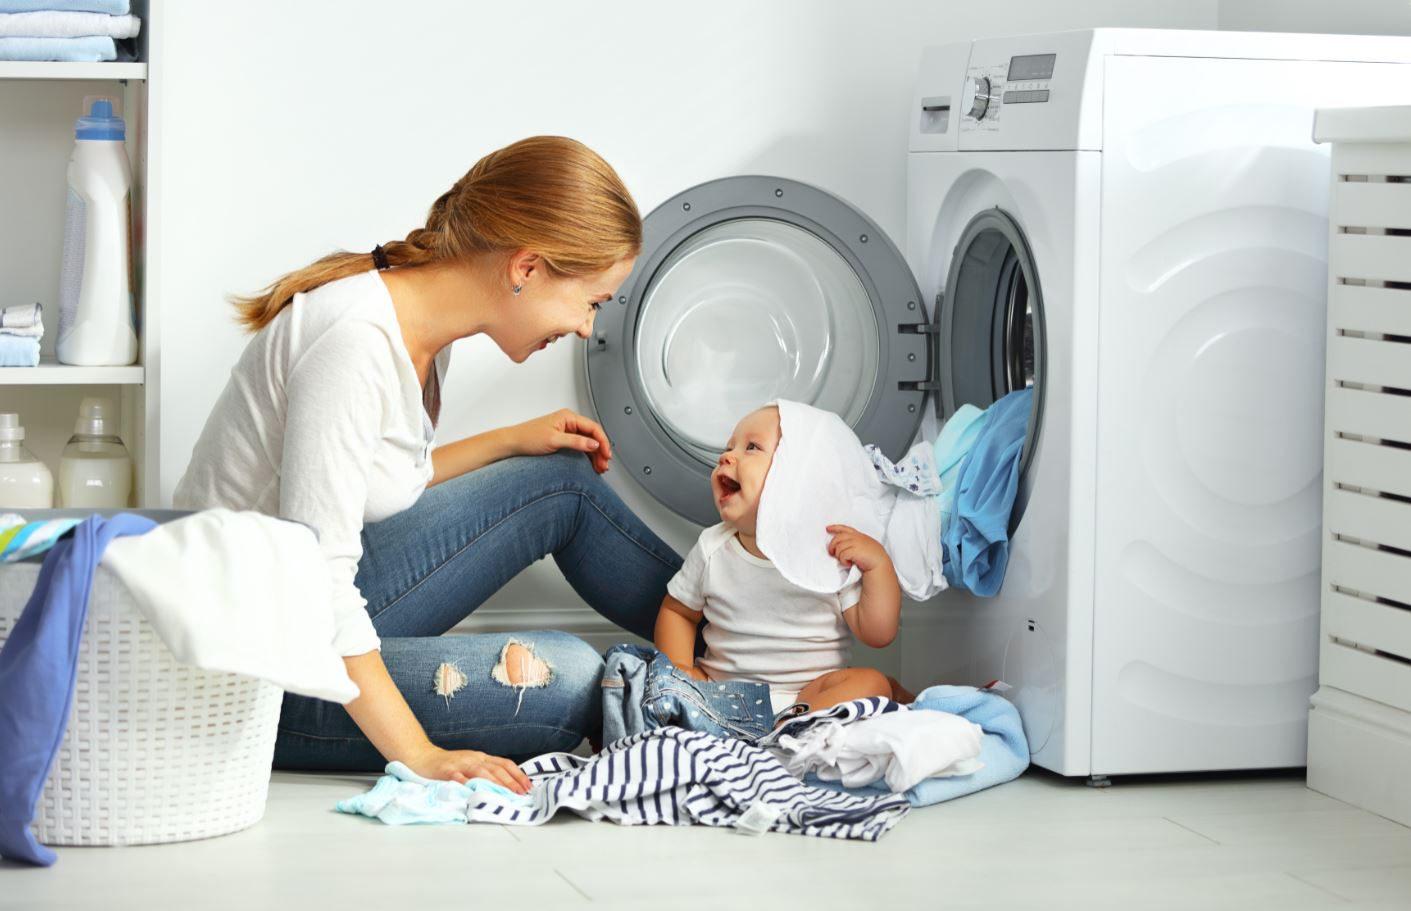 การใช้งานเครื่องซักผ้าแบบผิดๆ โดยที่เราไม่รู้ตัว